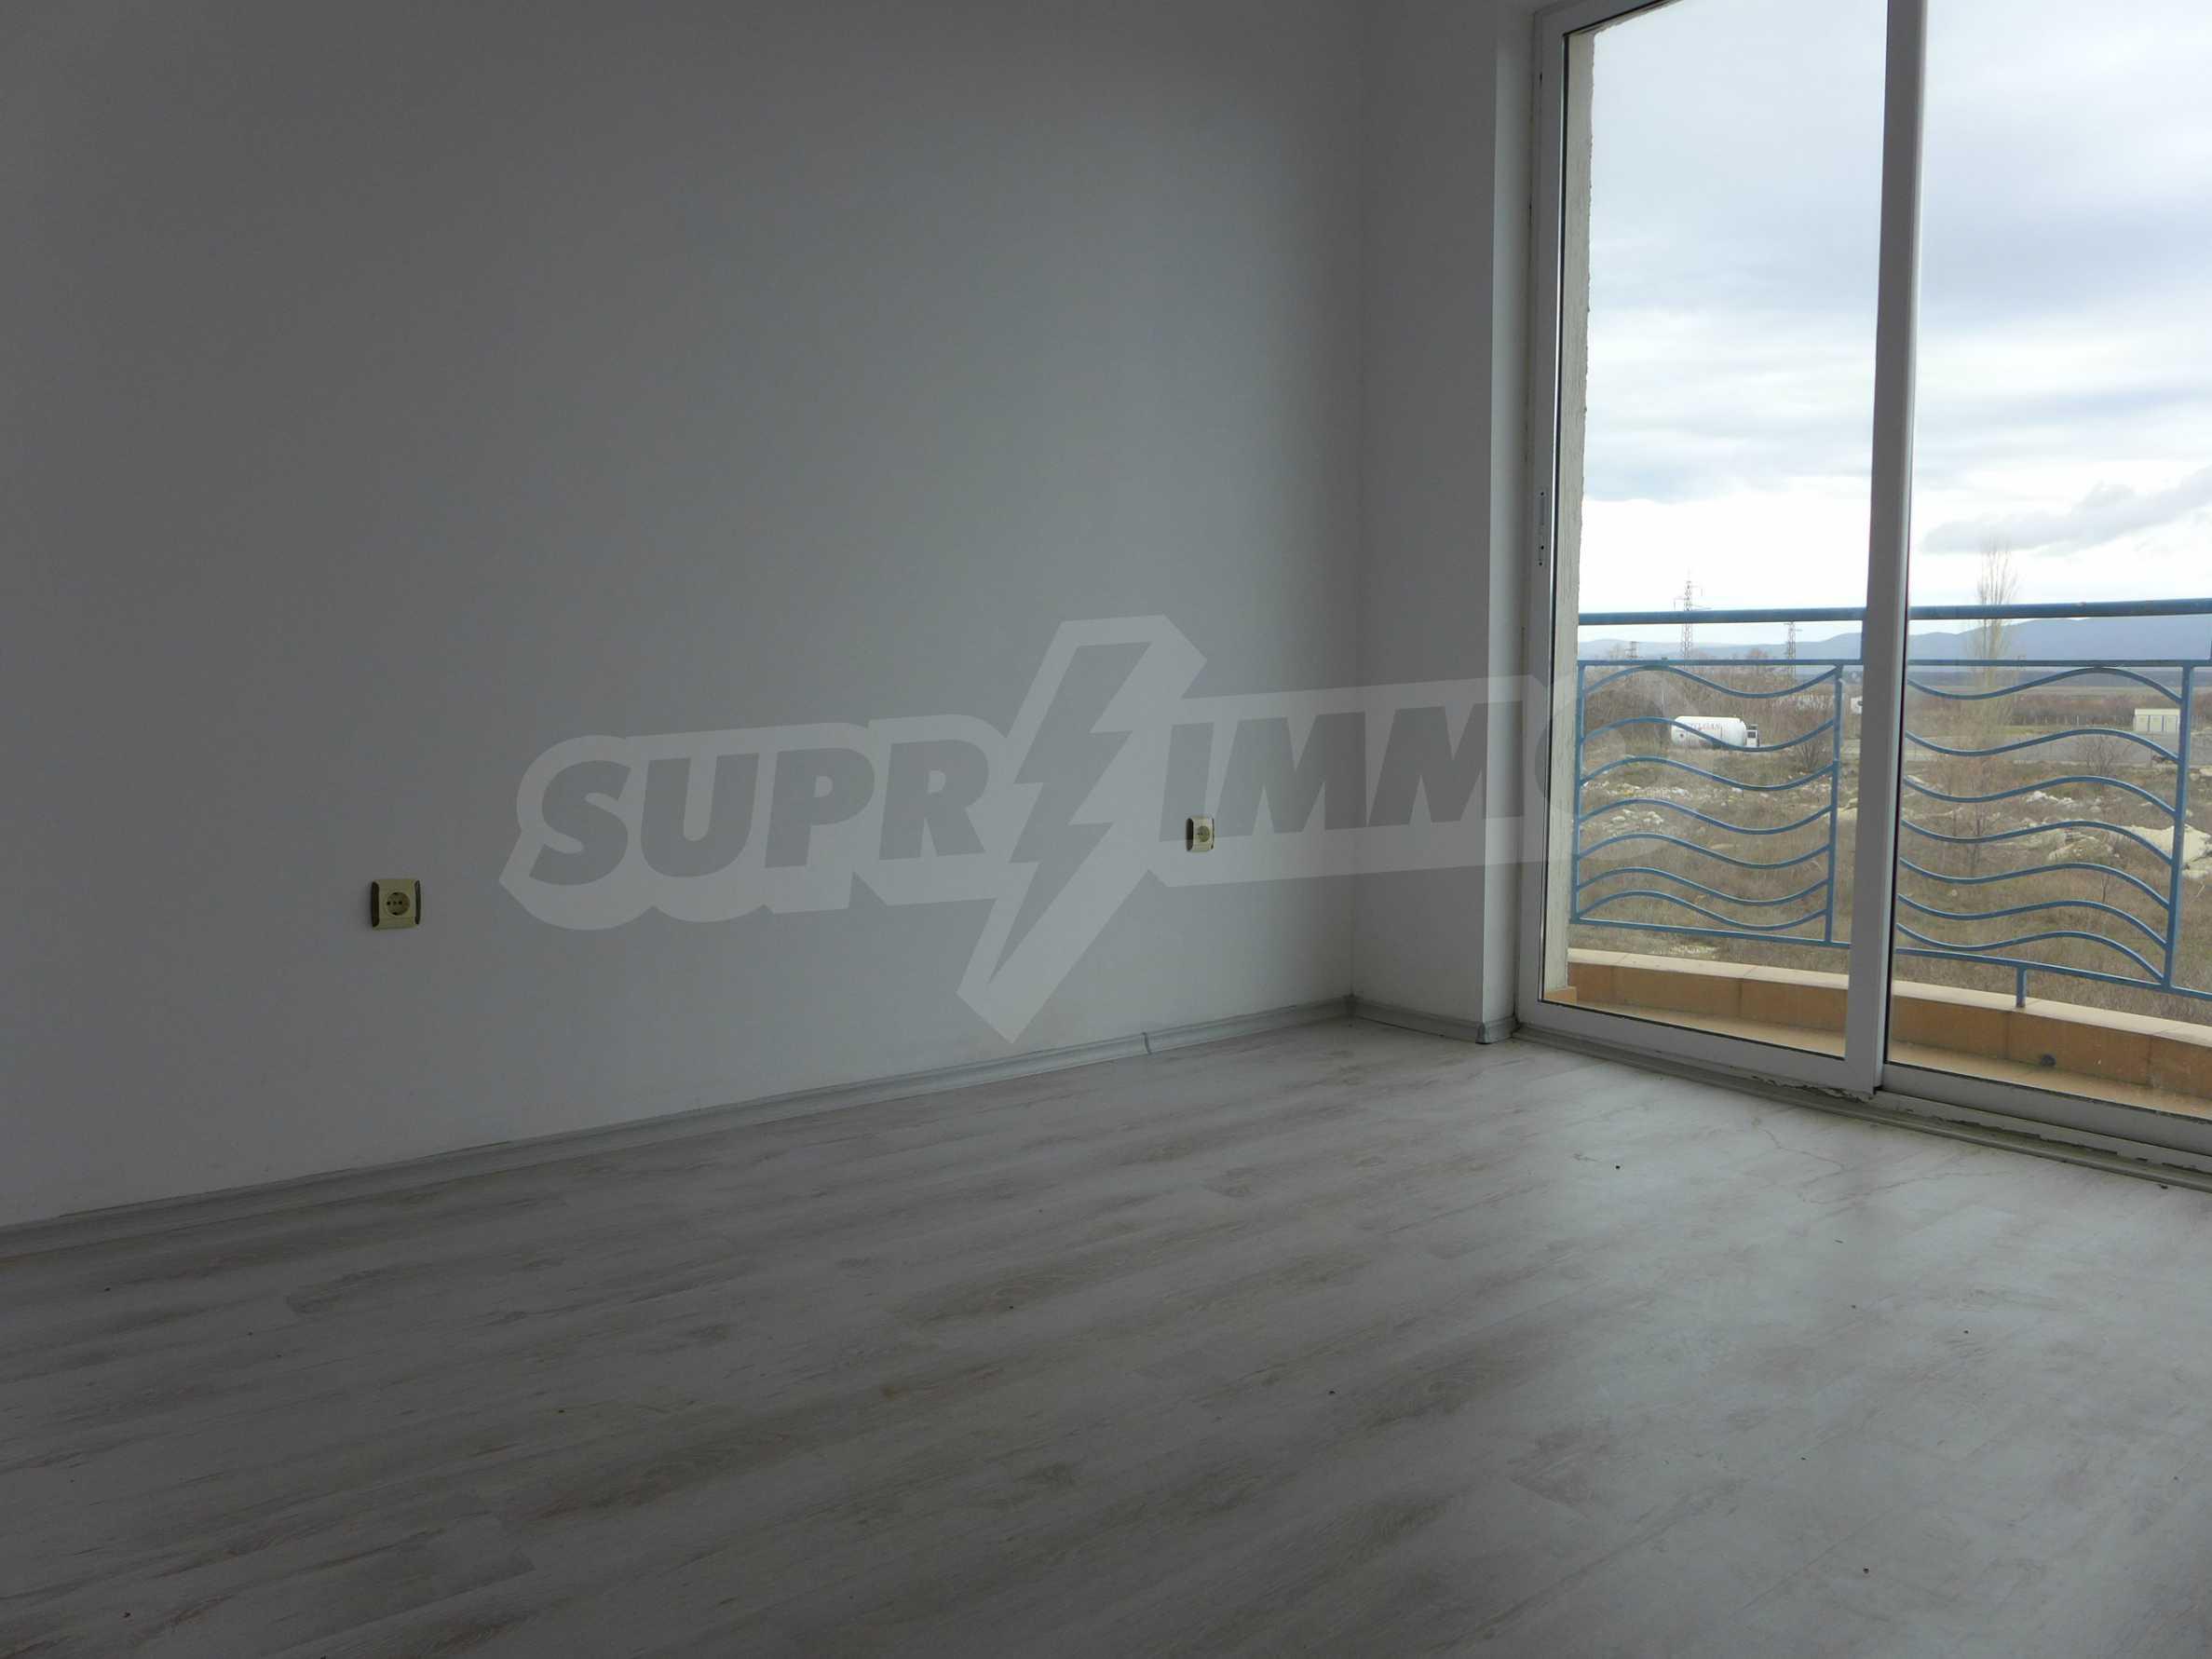 Geräumige Wohnung in einem modernen Komplex Sunny Day 3 4